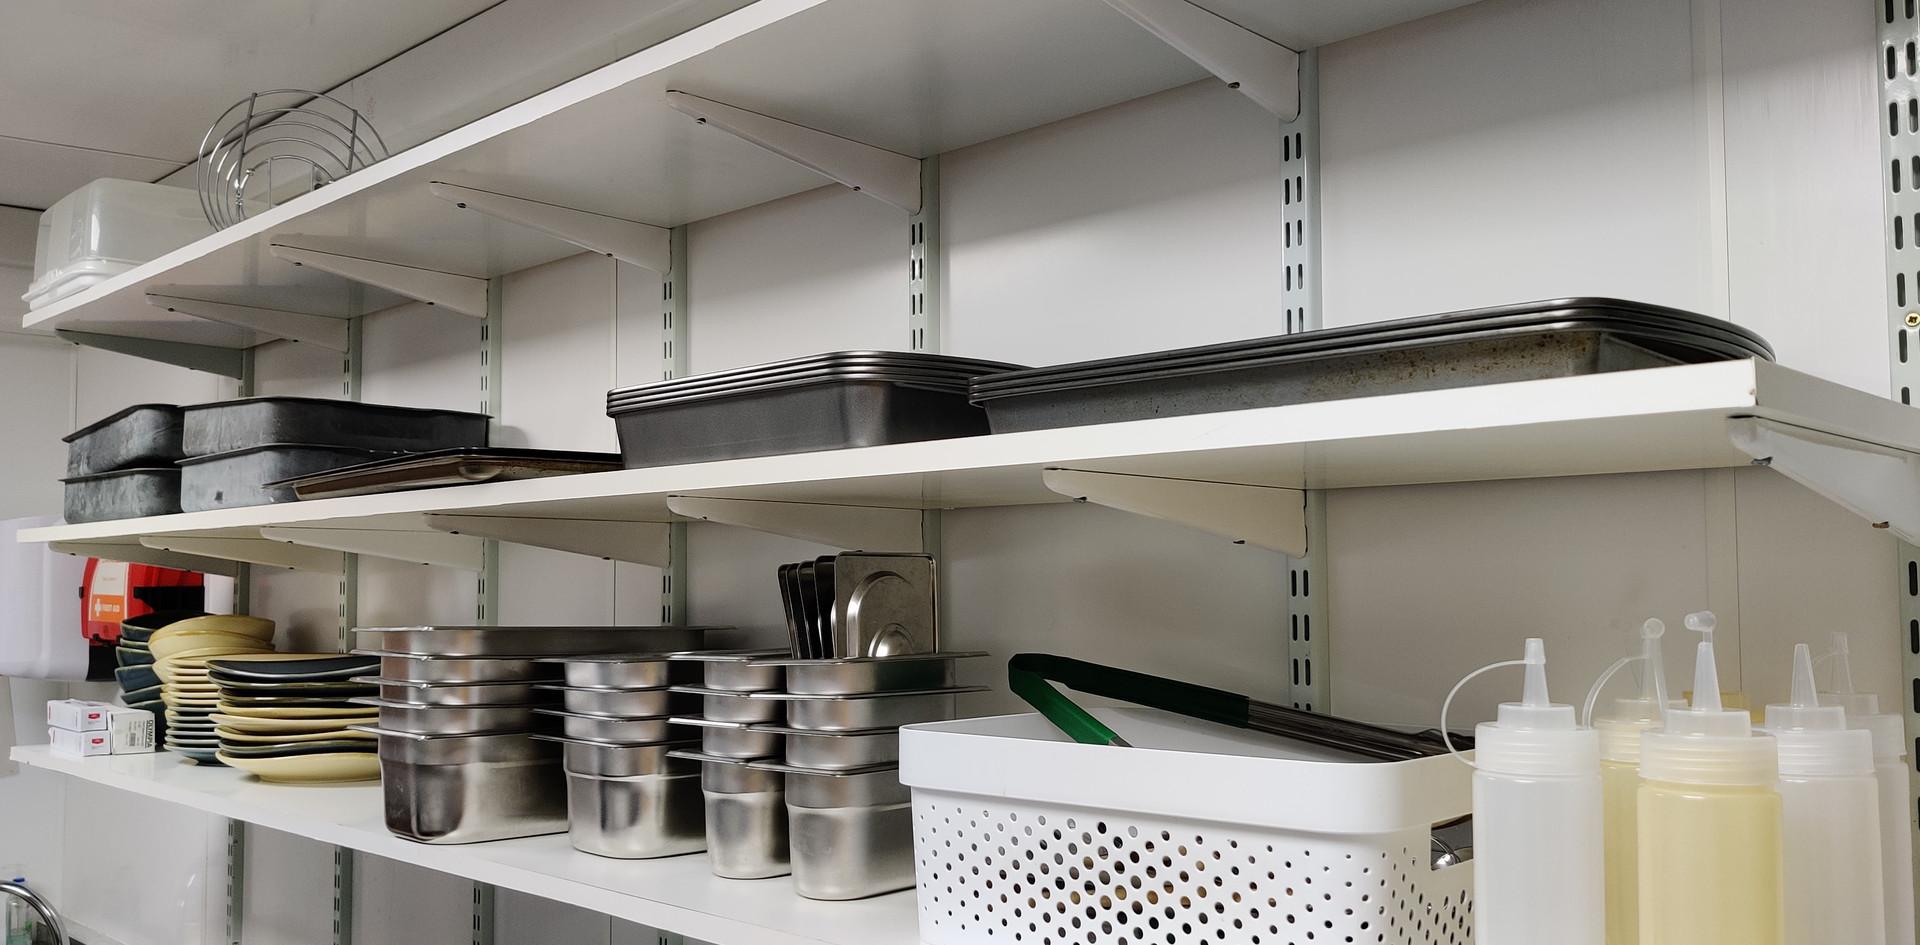 Pans, pots and sauces